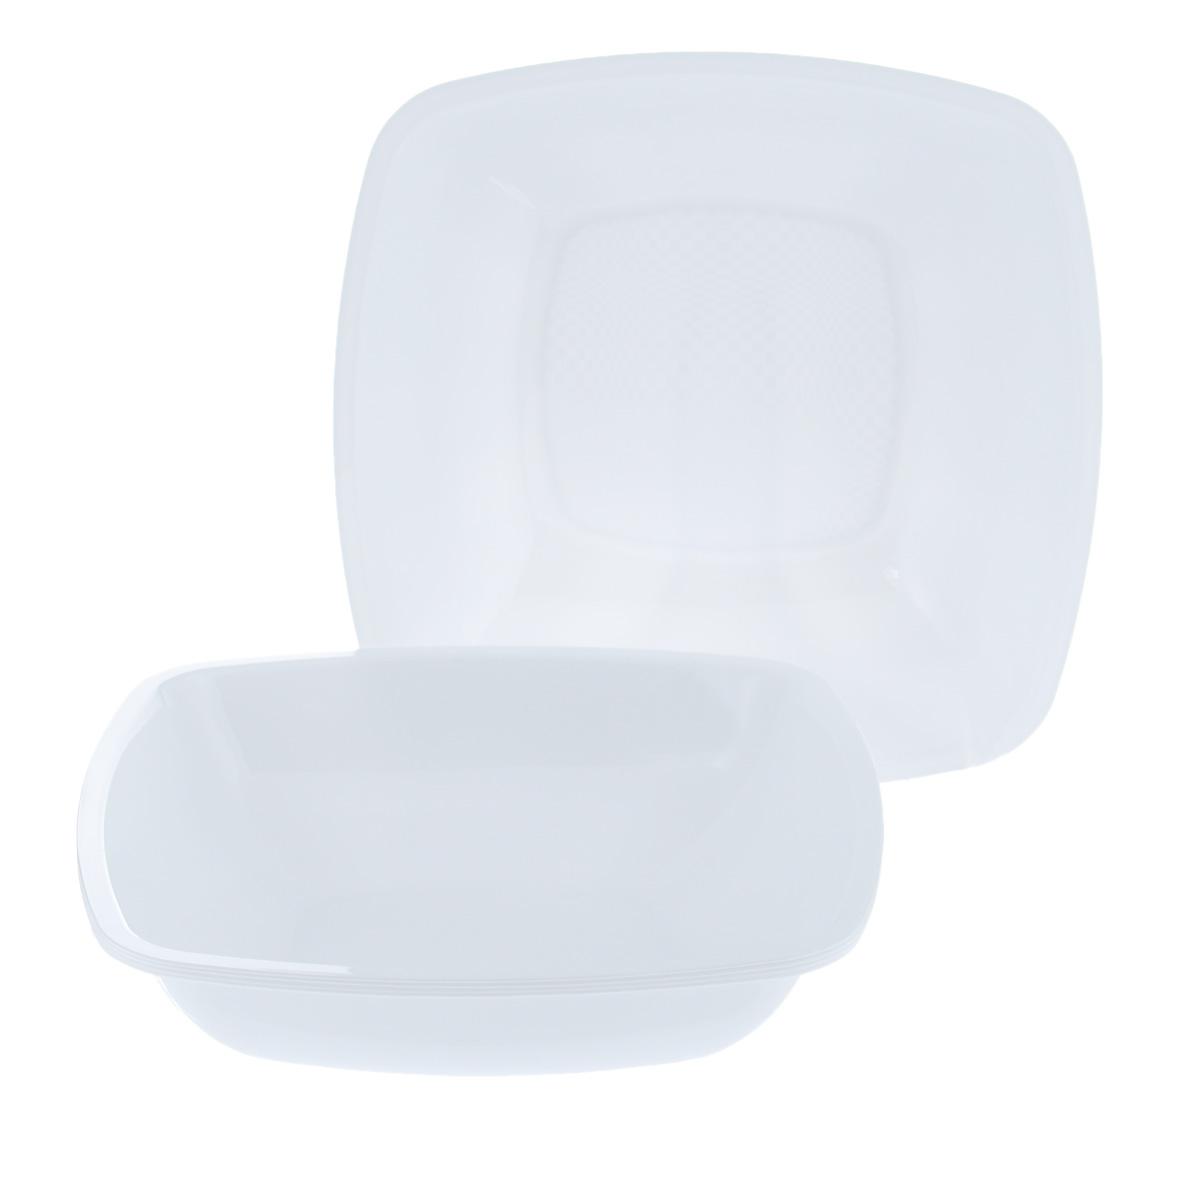 Набор одноразовых глубоких тарелок Buffet, цвет: белый, 18 см х 18 см, 6 штПОС08411Набор Buffet состоит из 6 глубоких тарелок, выполненных из полипропиленаи предназначенных для одноразового использования. Тарелки подойдут для различных пищевых продуктов. Одноразовые тарелки будут незаменимы при поездках на природу, пикниках и других мероприятиях. Они не займут много места, легки и самое главное - после использования их не надо мыть.Размер тарелки: 18 см х 18 см.Высота тарелки: 4,5 см.